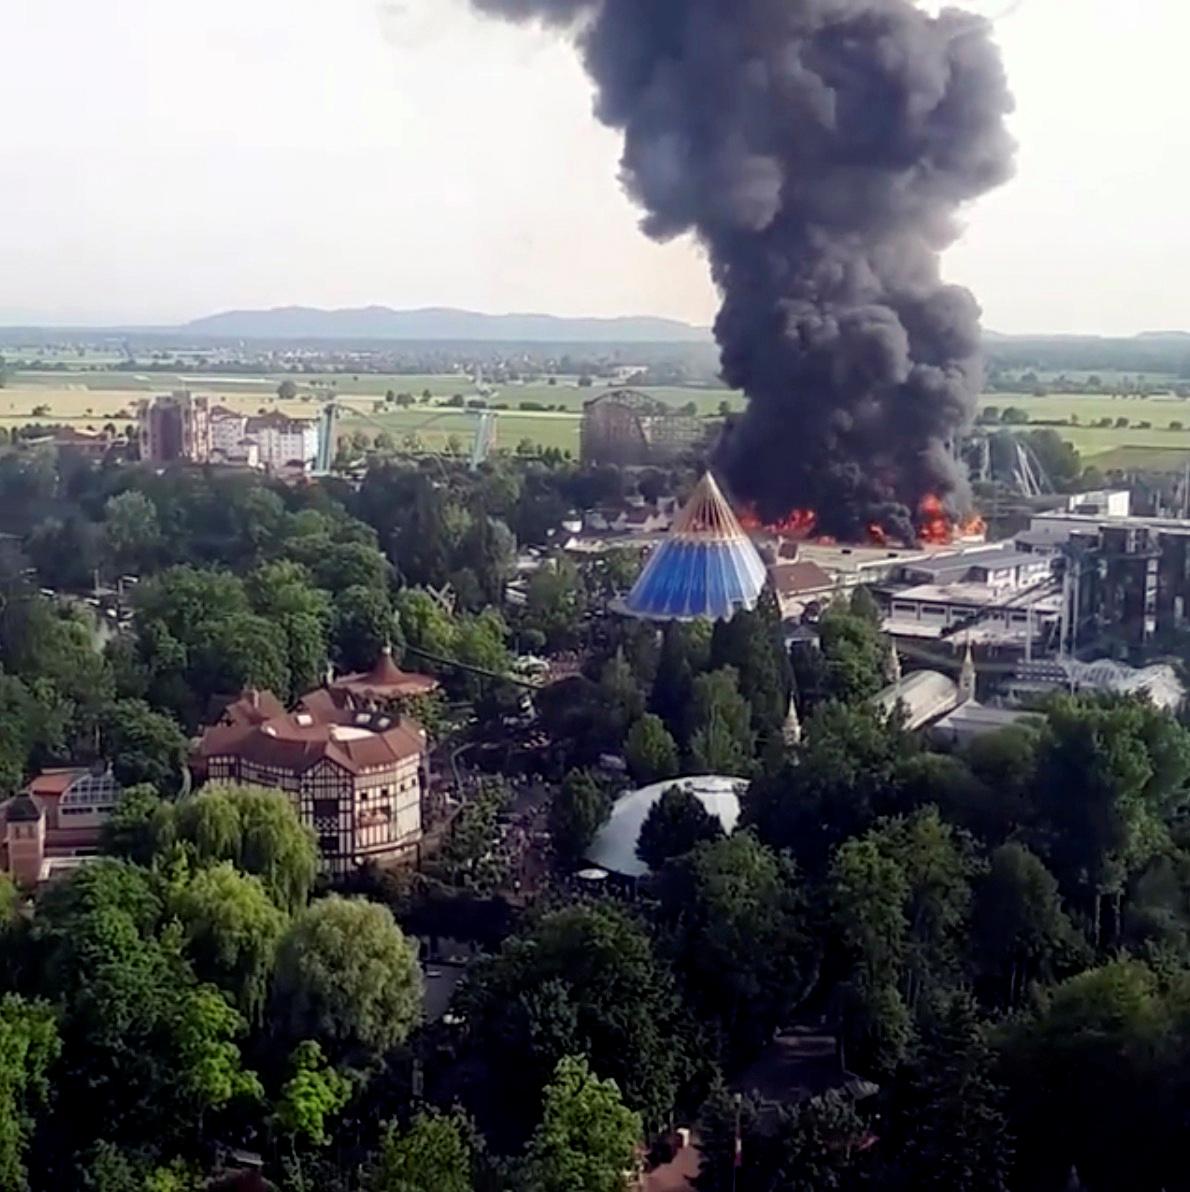 دخان جراء حريق ضخم بمدينة ملاهى أوروبا بارك